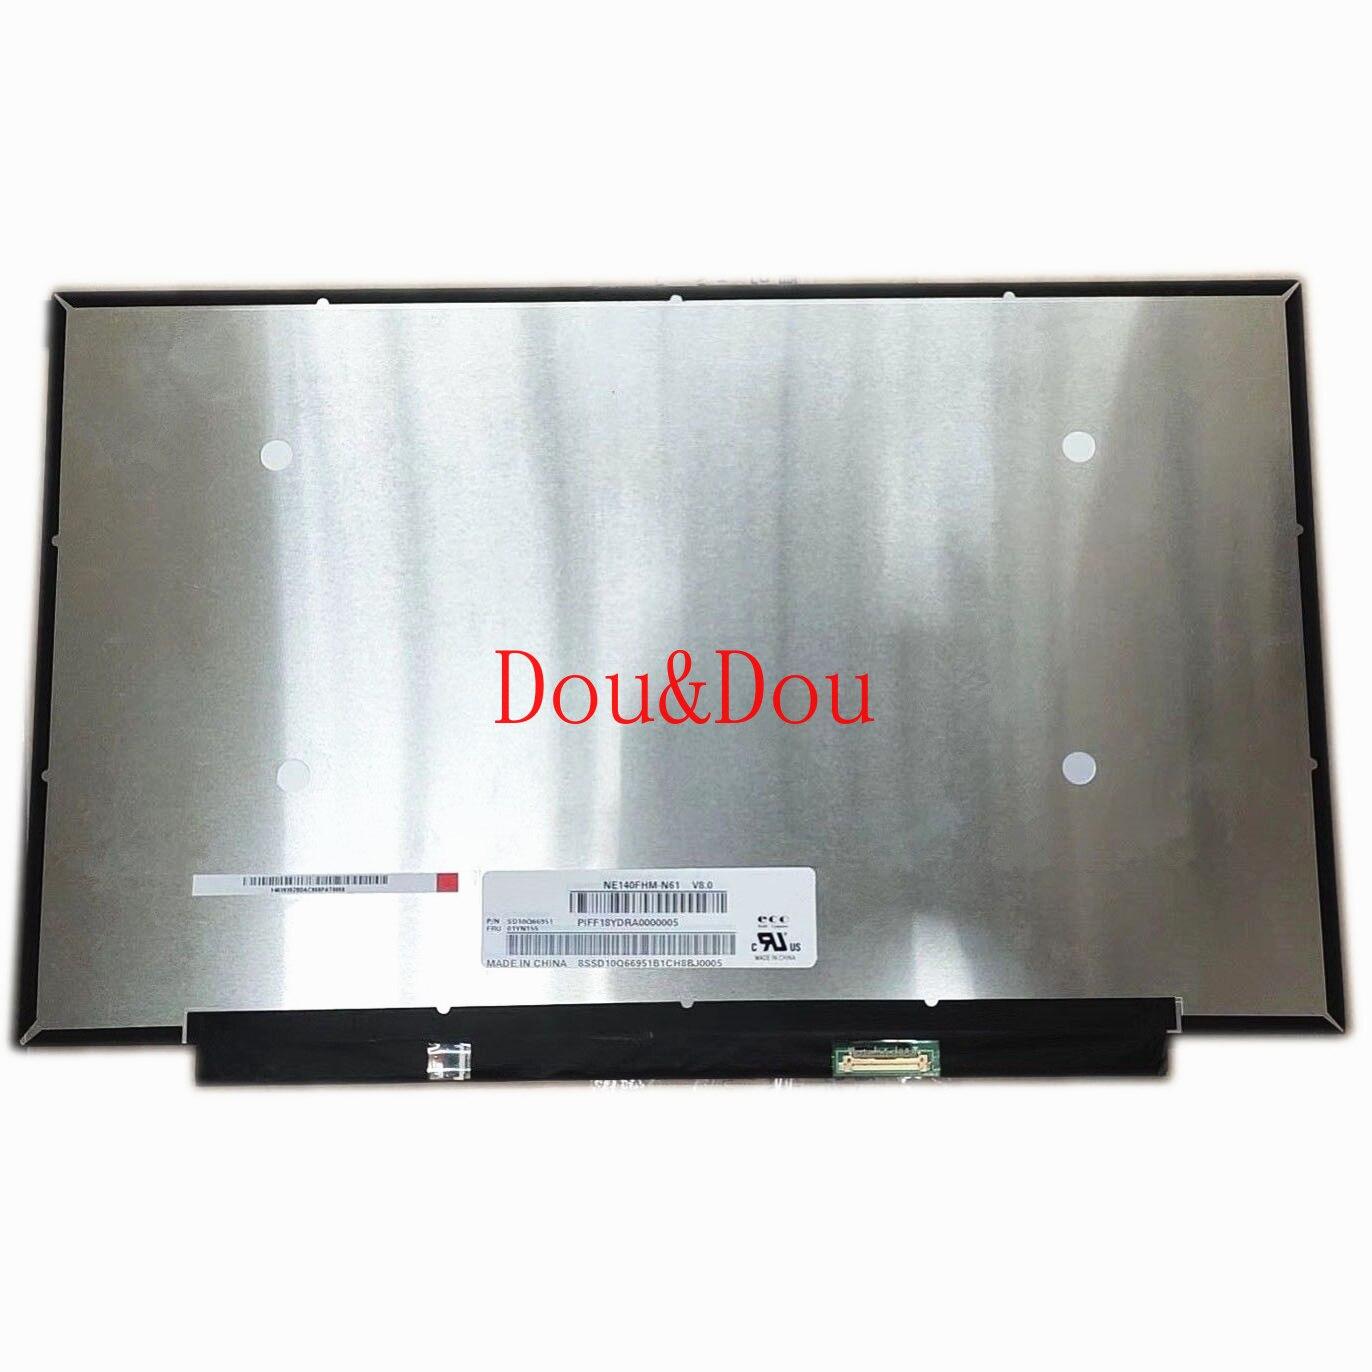 NE140FHM-N61 V8.0 fit N140HCG-GQ2 NV140FHM-N61 14.0'' IPS Laptop LED LCD Screen 1920*1080 EDP 30 Pins 72% NTSC